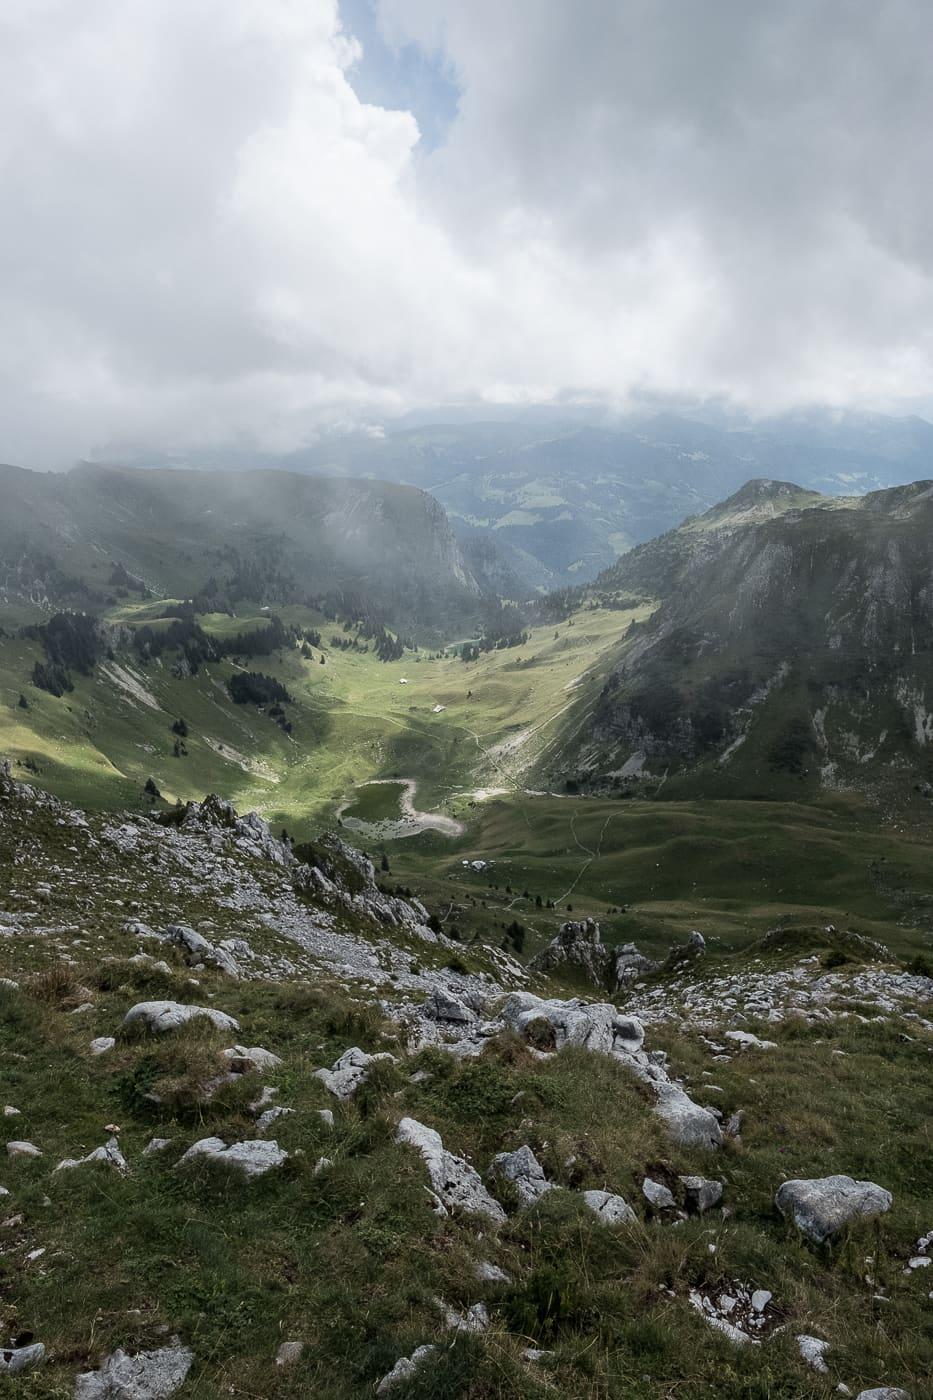 Mystischer Ausblick auf die Freiburger Berge